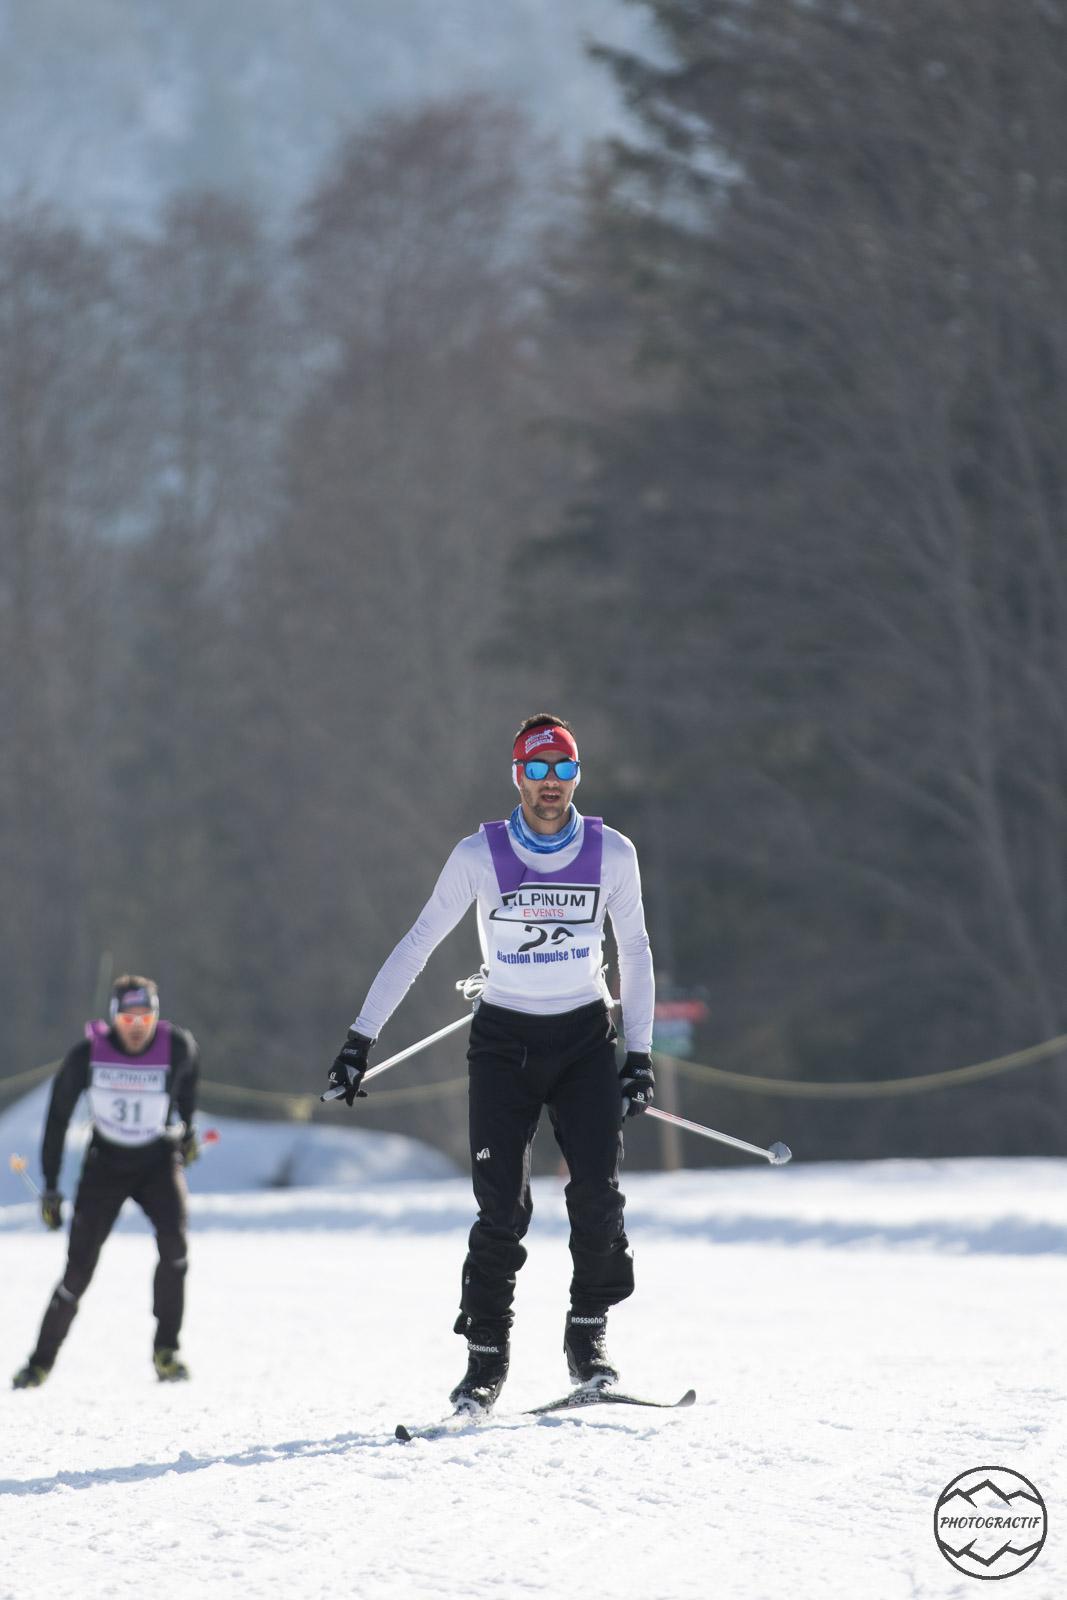 Biathlon Alpinum Les Contamines 2019 (100)